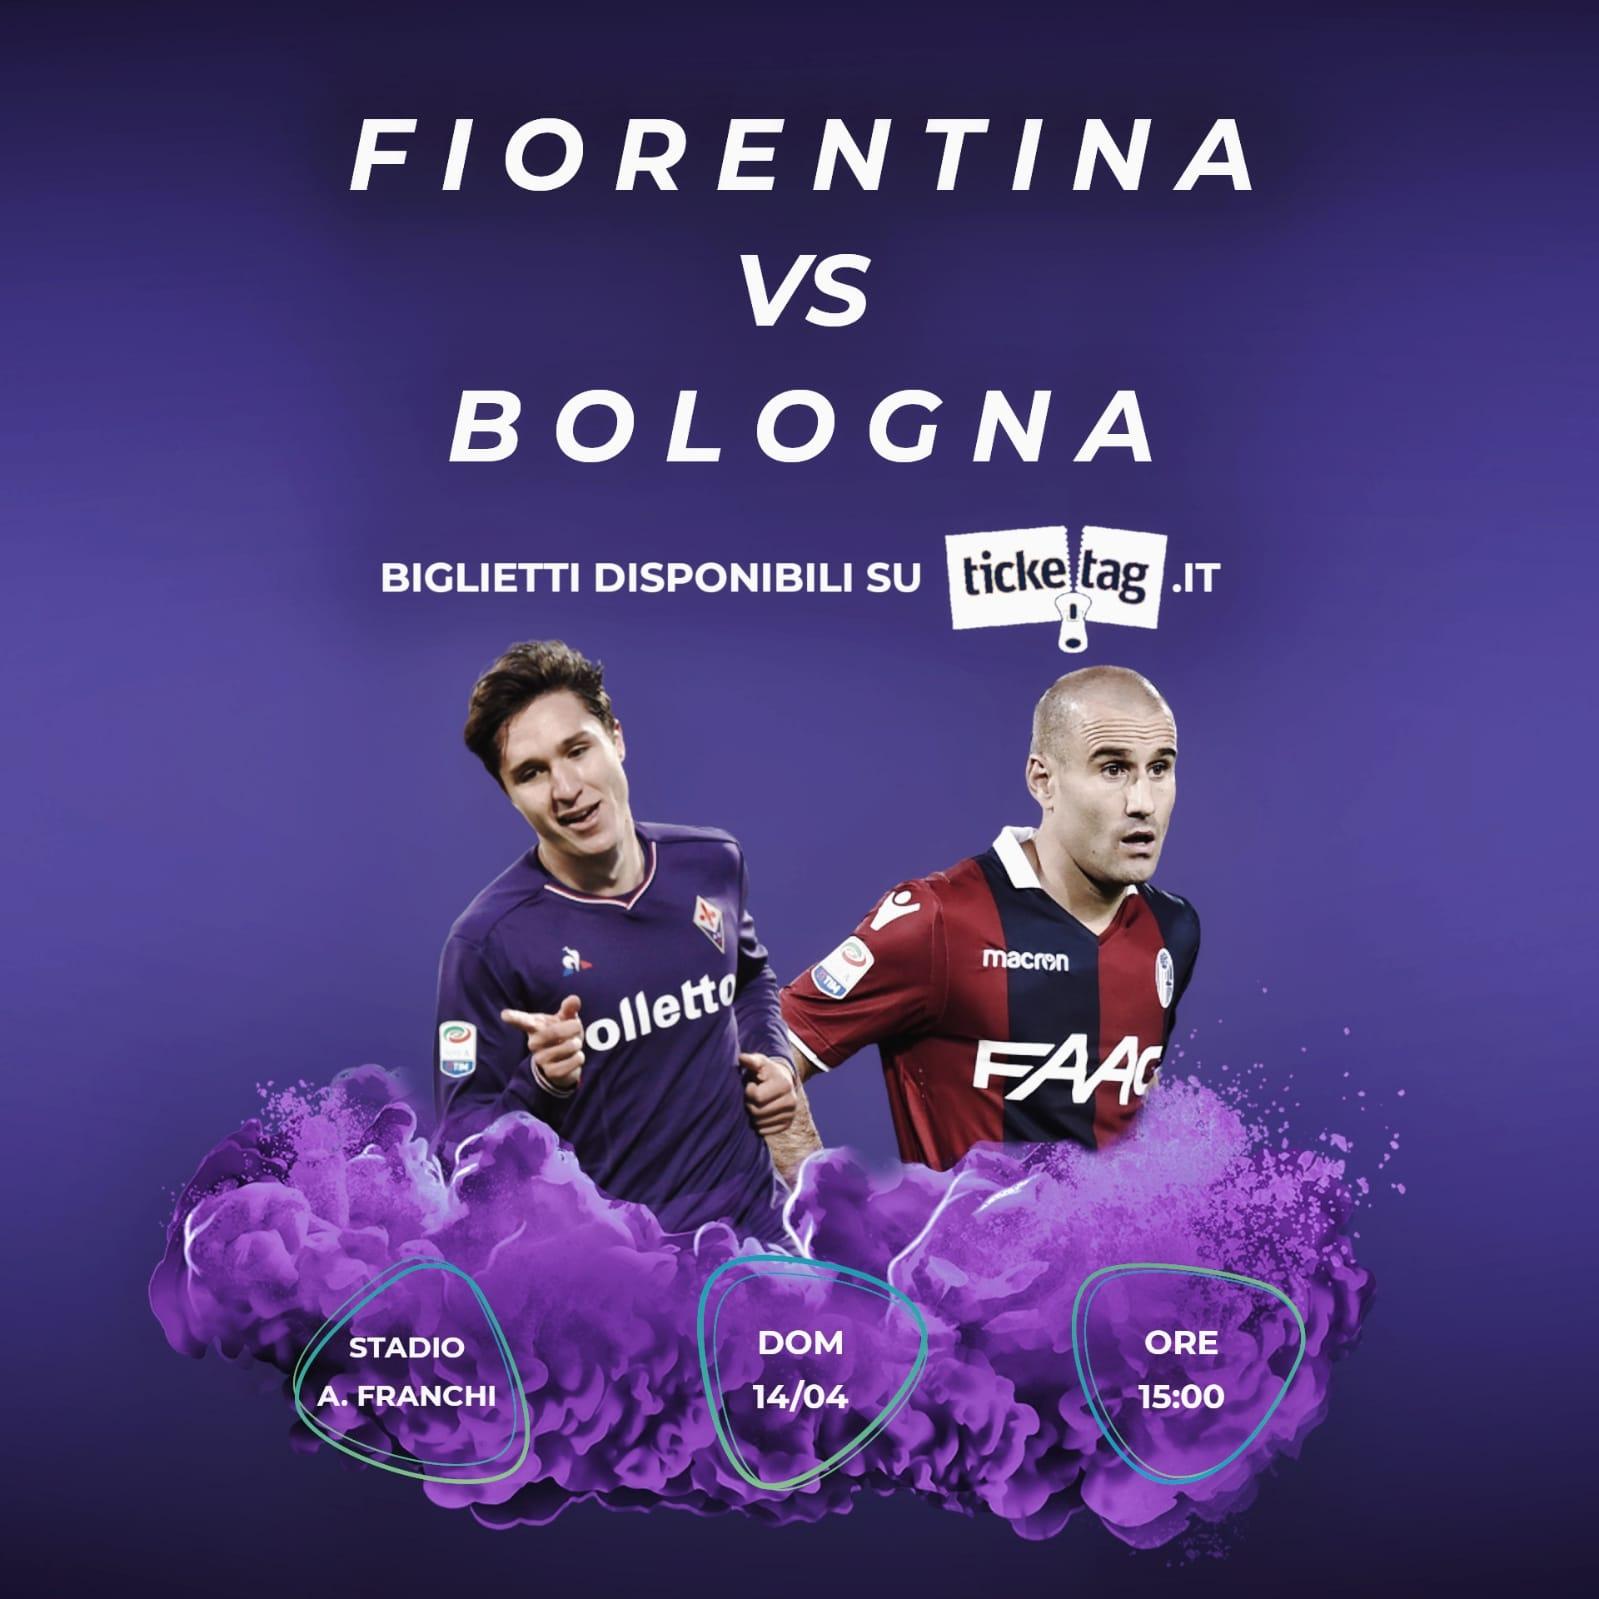 Cerchi biglietti per Fiorentina-Bologna? Scopri come acquistarli con Ticketag